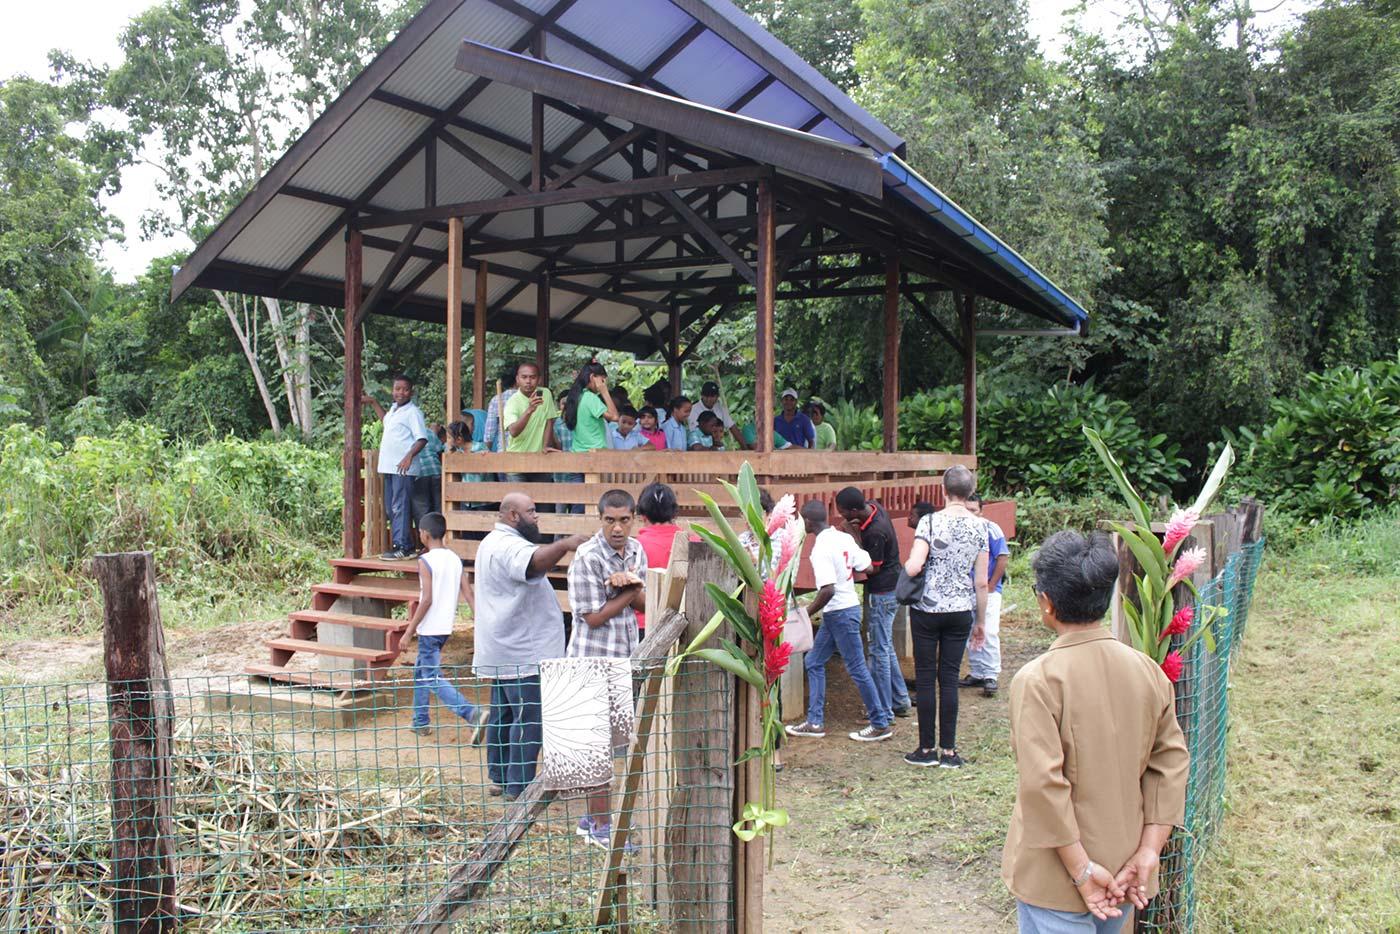 Bezoekers betreden het schapenverblijf.